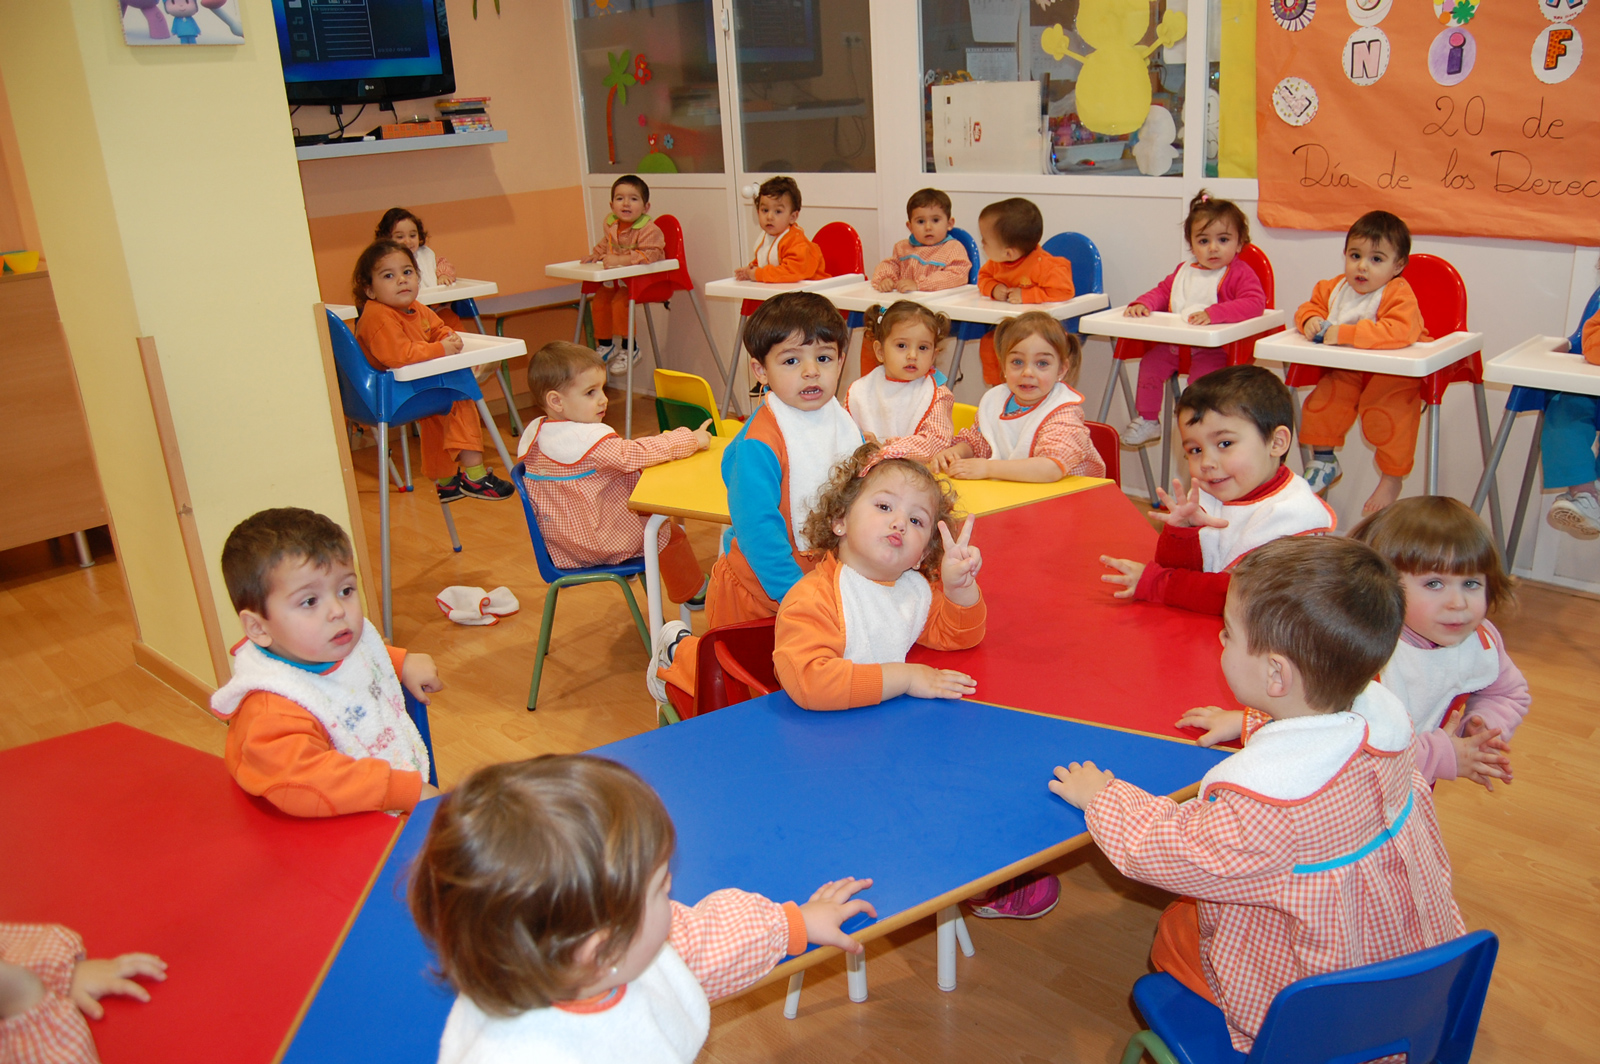 Ventajas de llevar a tus hijos a una Escuela Infantil